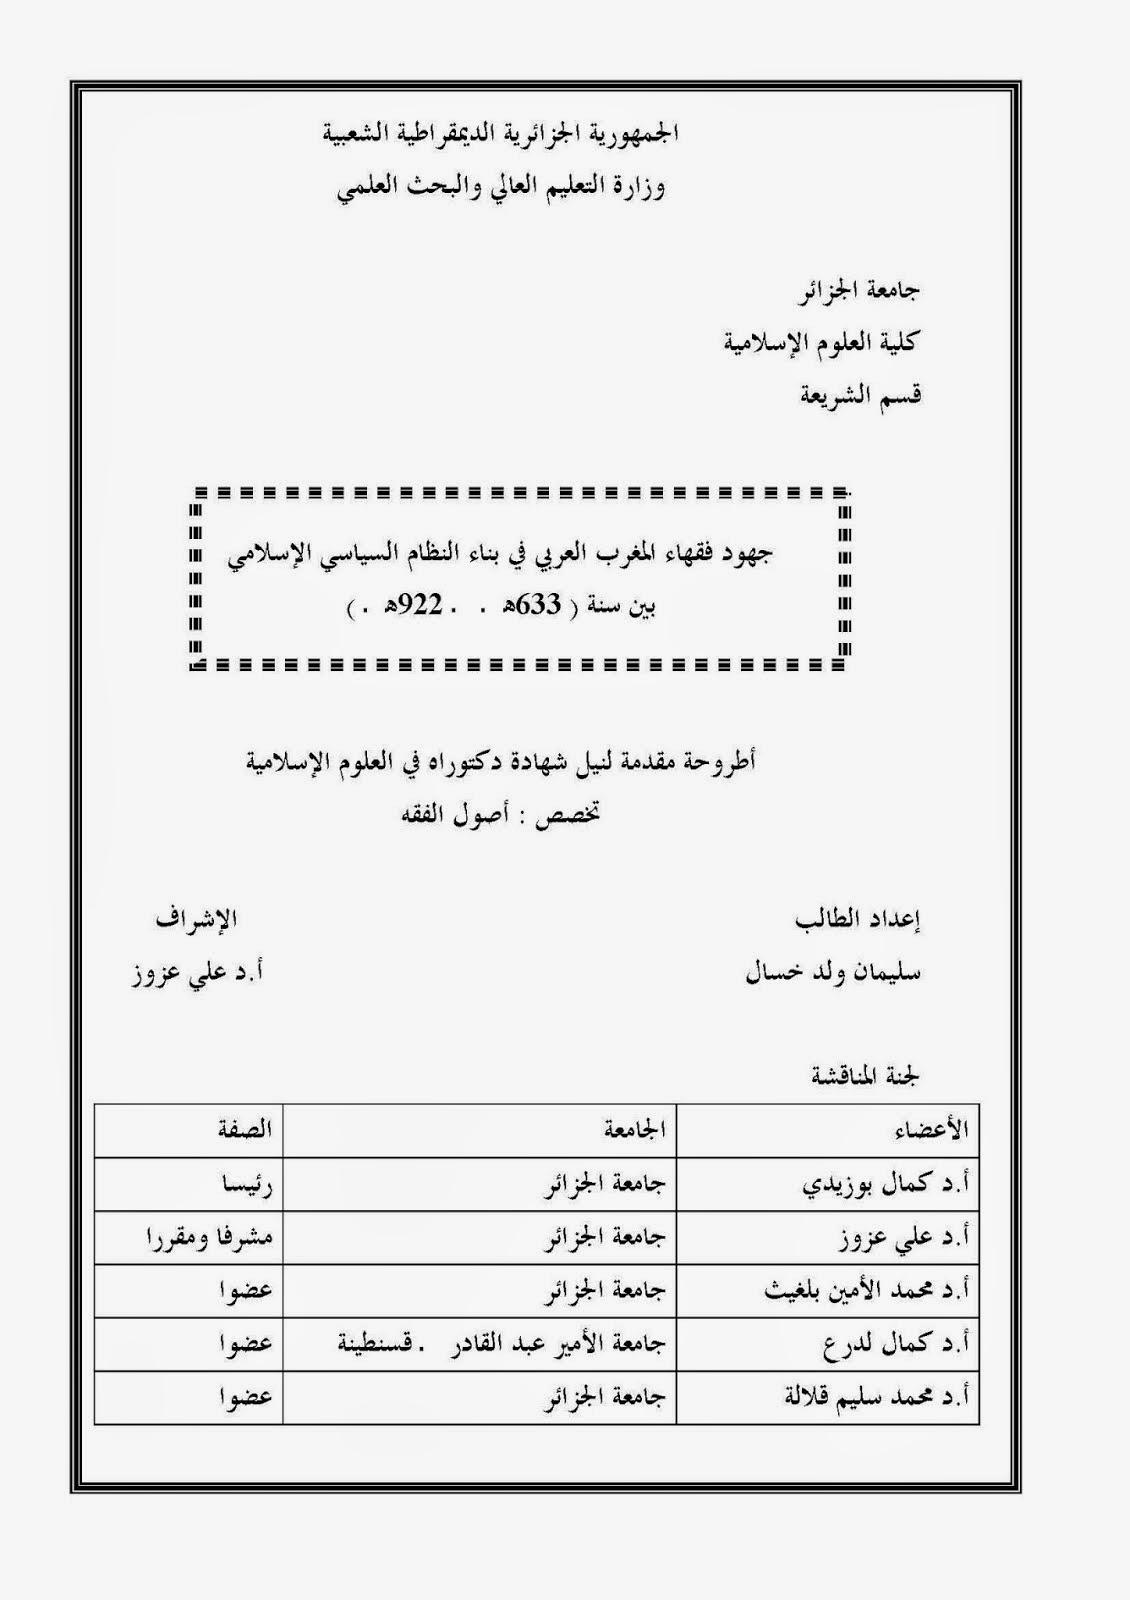 جهود فقهاء المغرب العربي في بناء النظام السياسي الإسلامي بين سنة (633هـ -922هـ) لـ سليمان ولد خسال